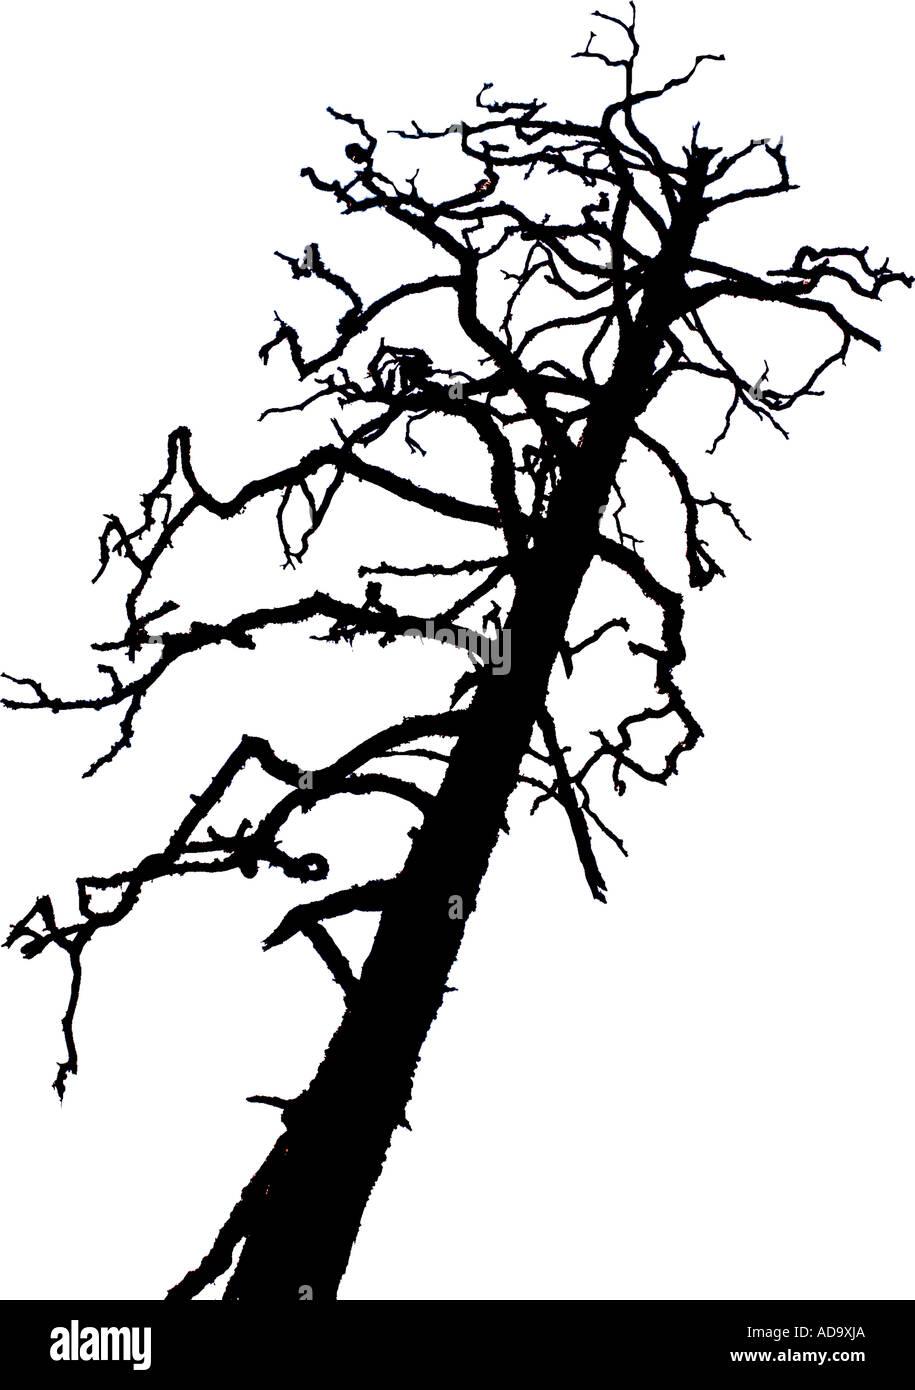 Silhouette en noir et blanc d'un des arbres morts sur pied Photo Stock